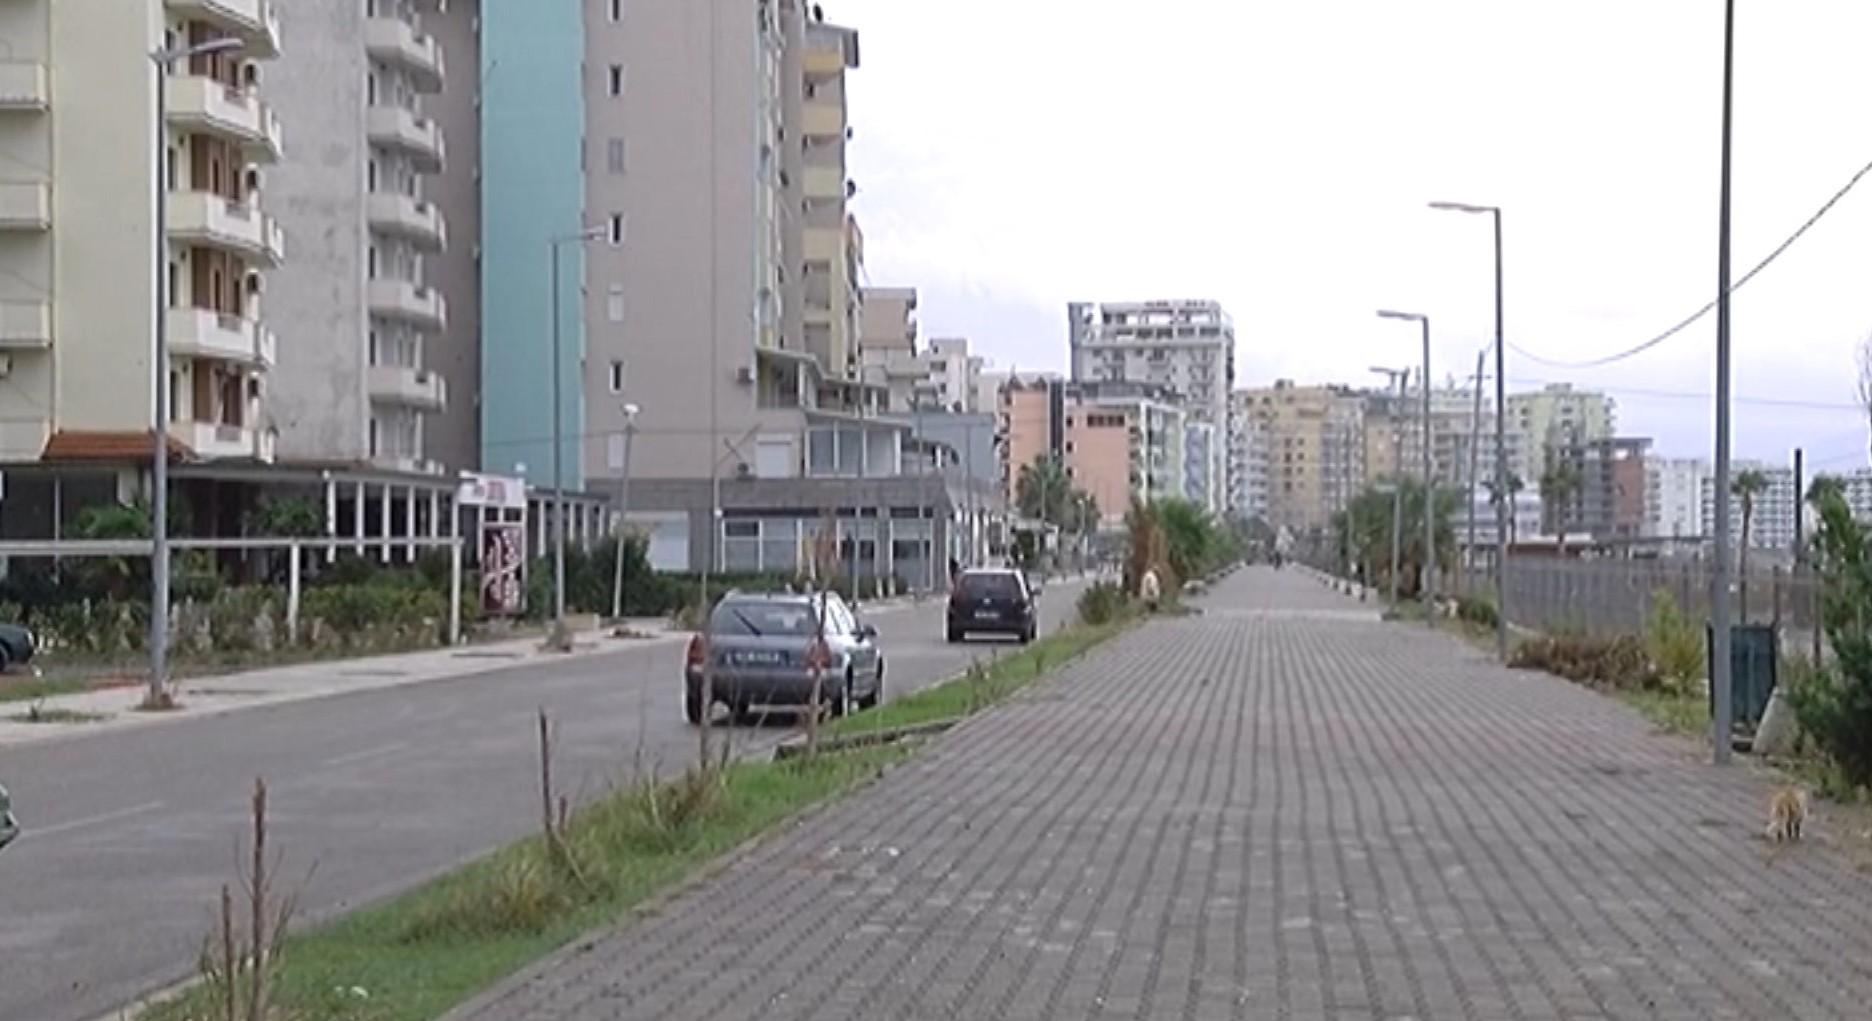 Fabrika e peshkut në Shëngjin, era e rëndë alarmon banorët